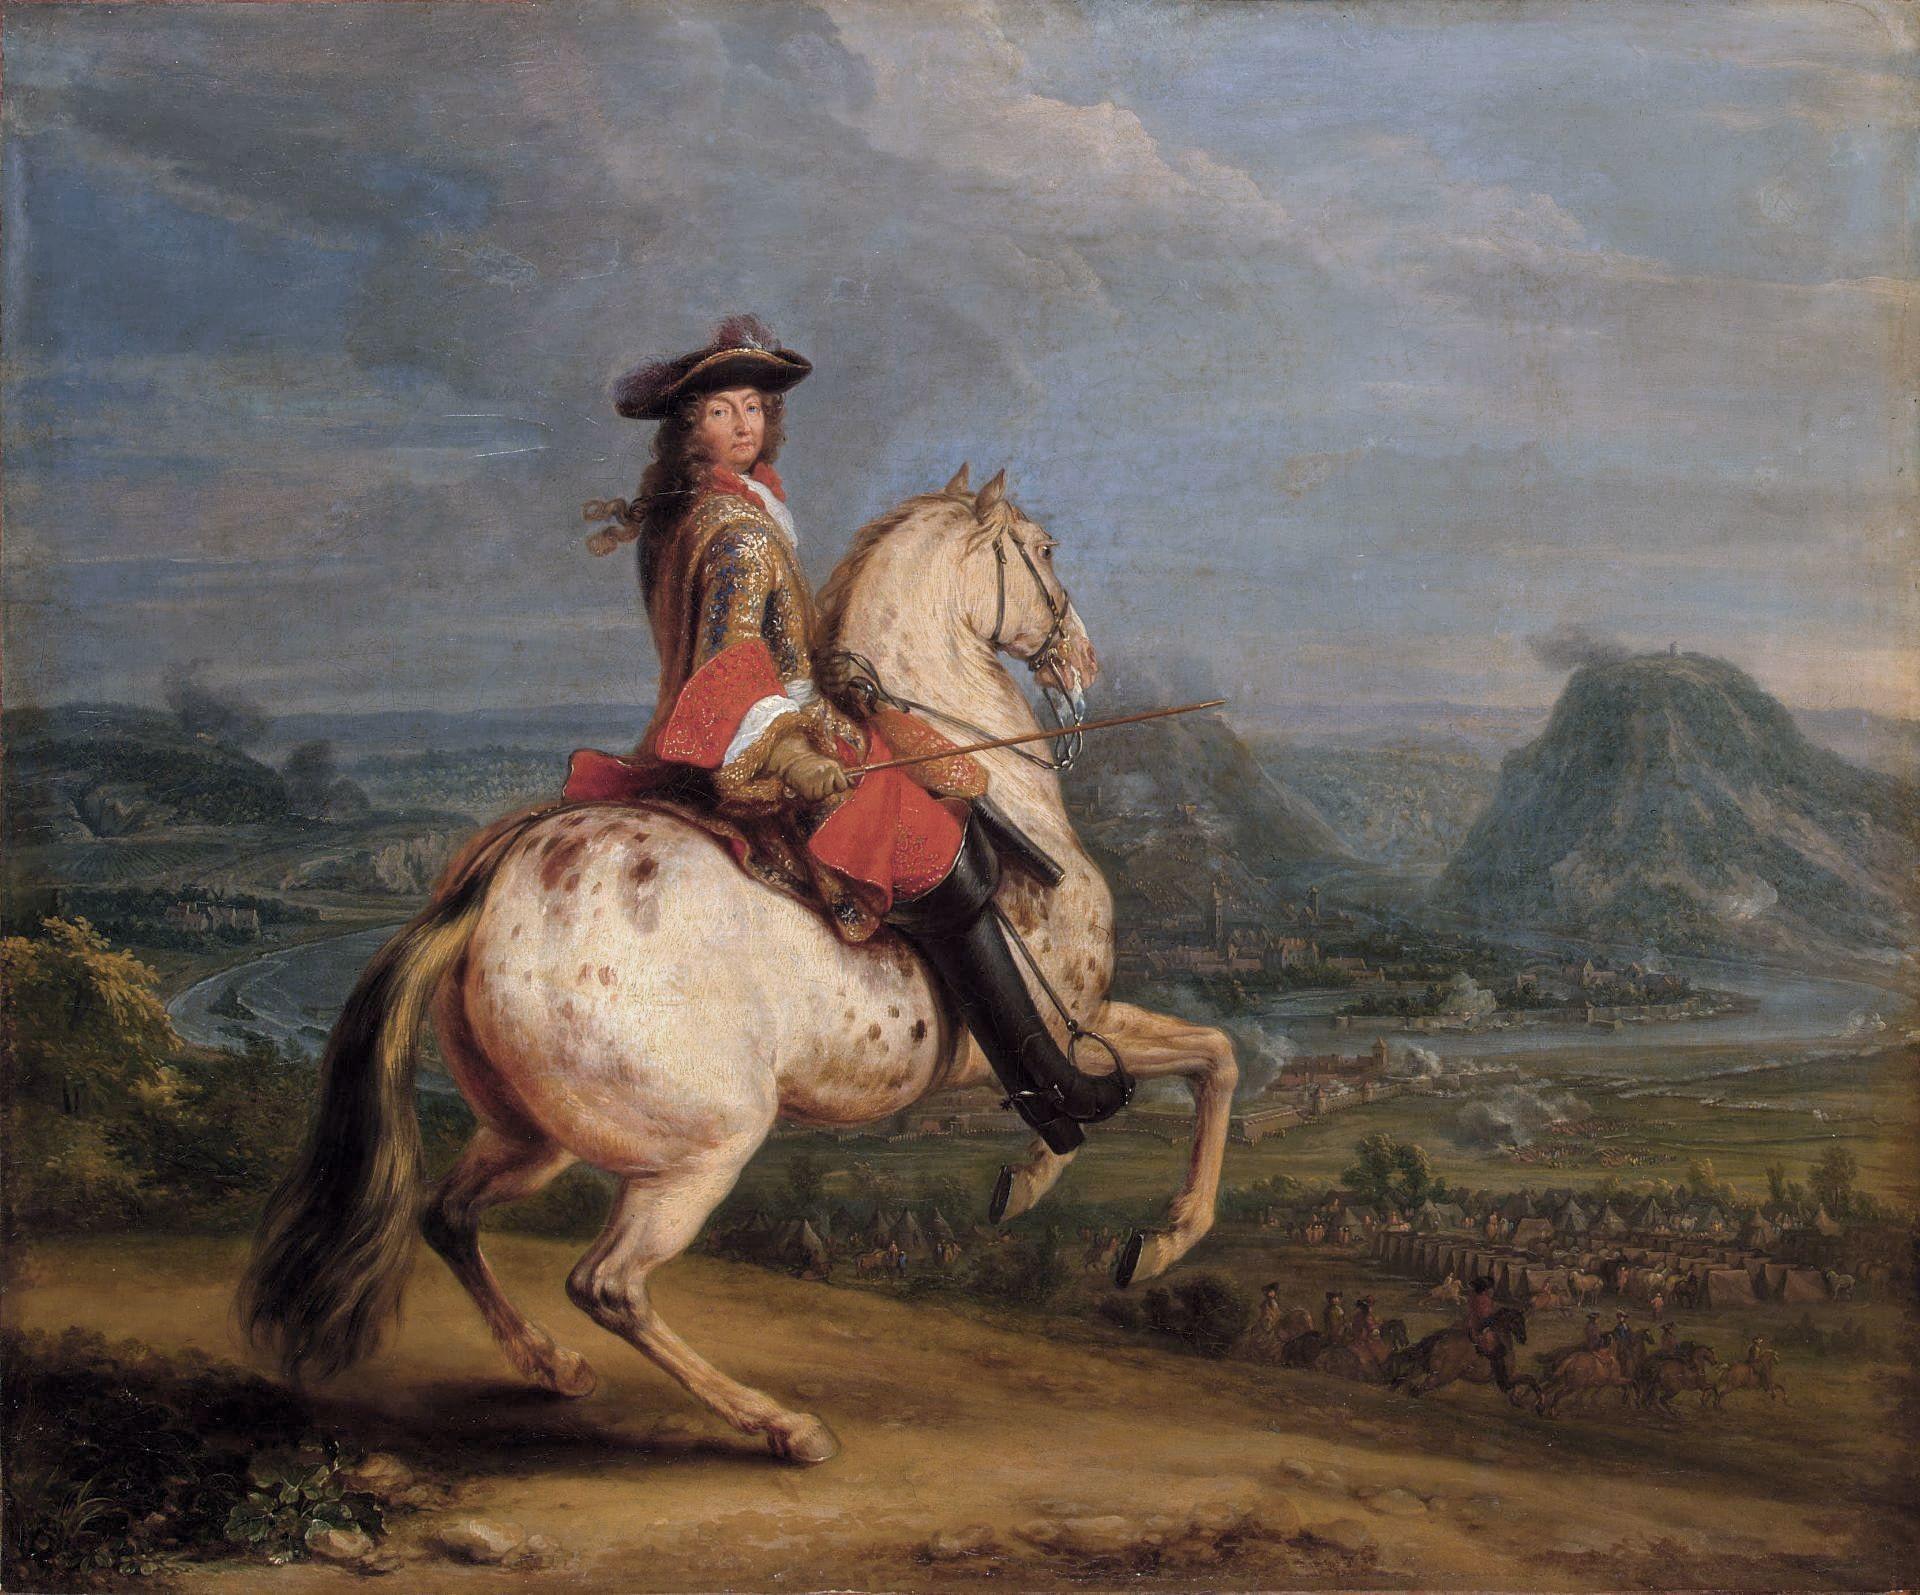 Adam Frans van der Meulen, Louis XIV au siège de Besançon, 1674, huile sur toile, 55 x 67 cm, musée de l'Ermitage, Saint-Pétersbourg